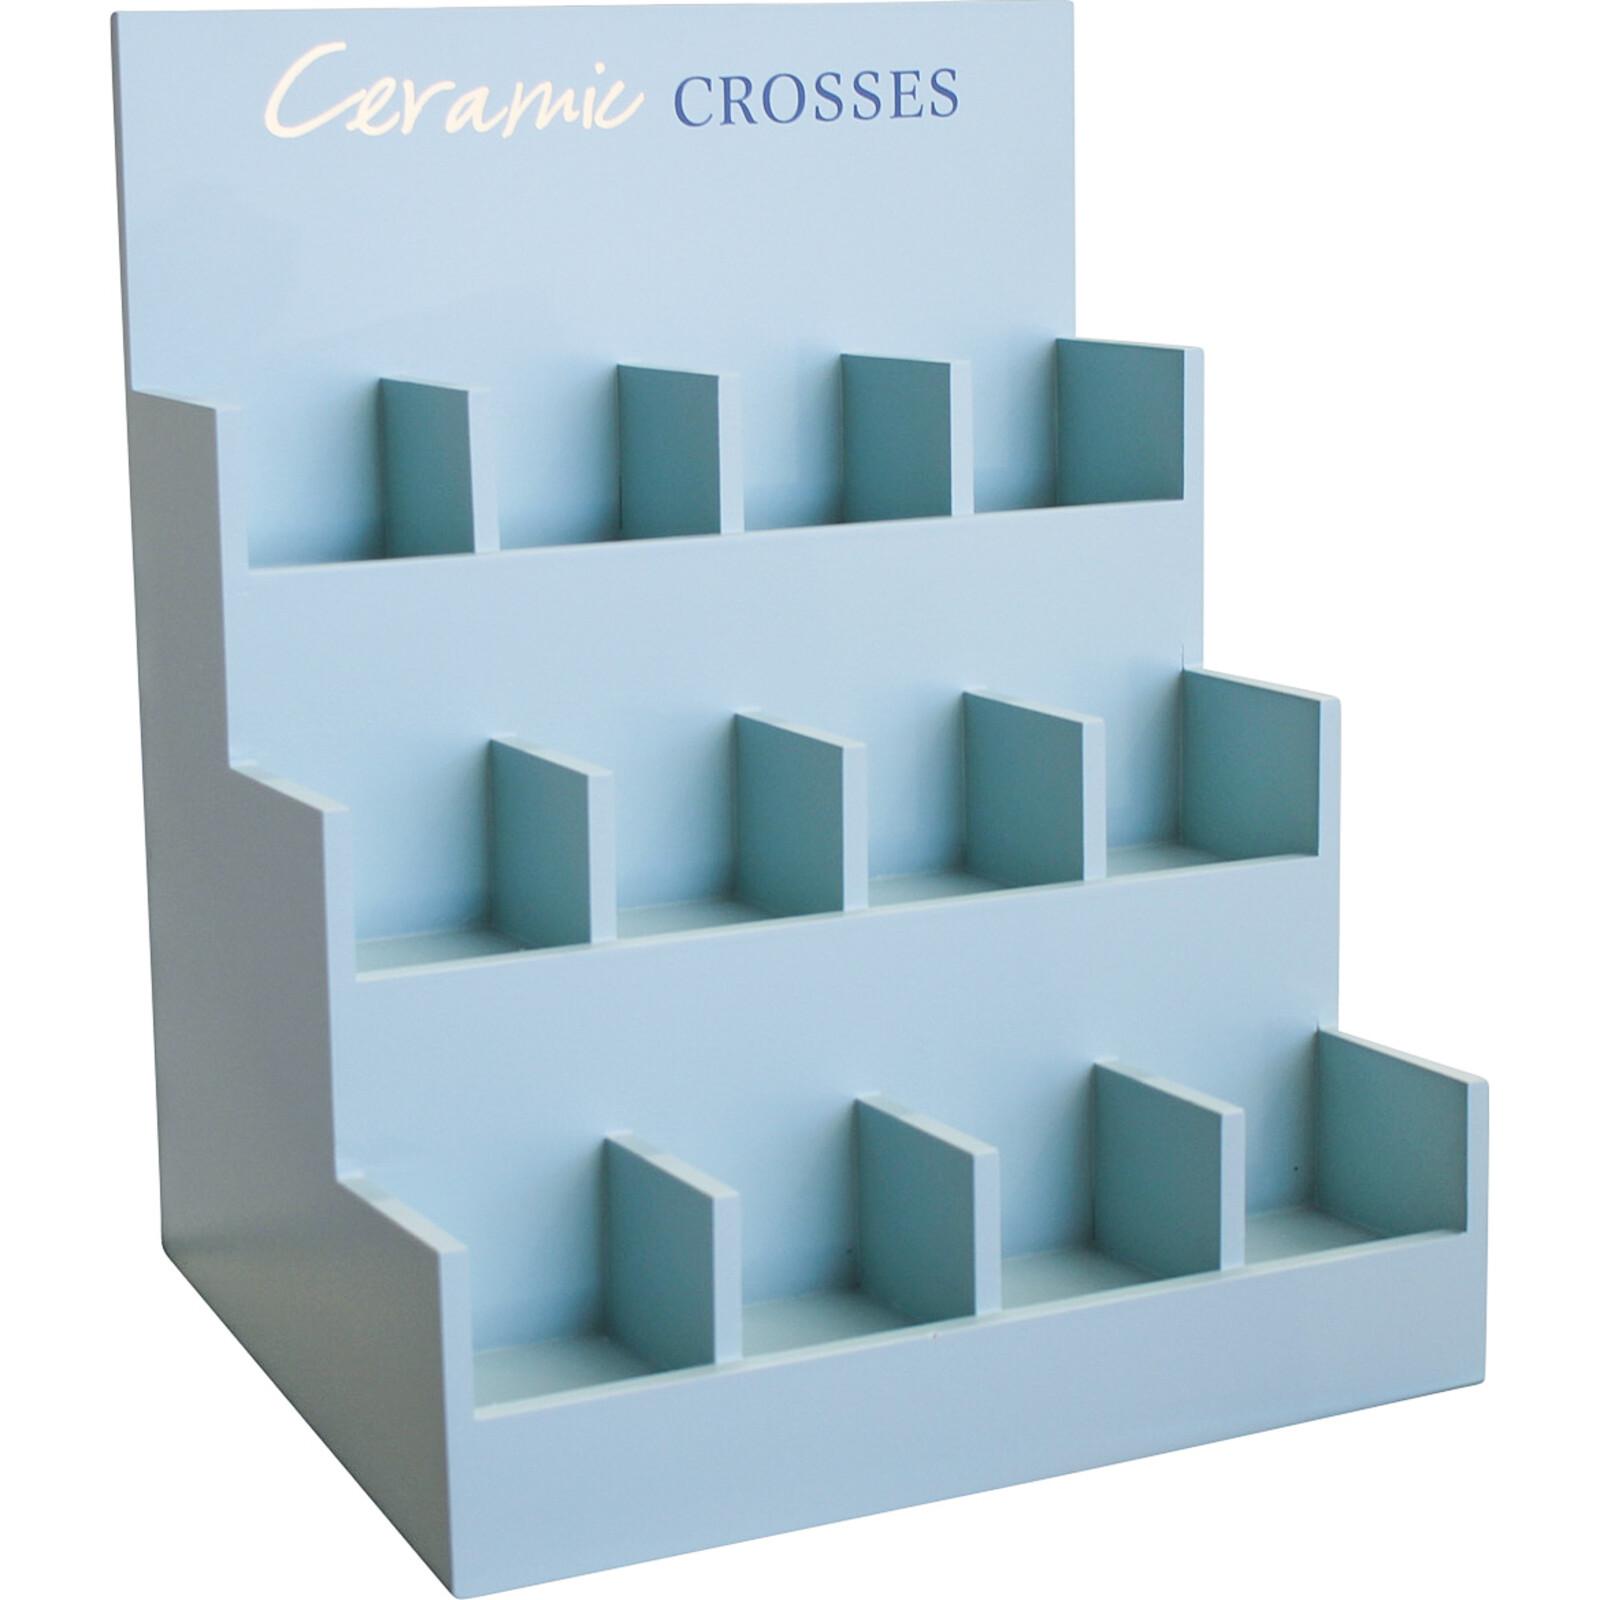 Display Box Ceramic Crosses